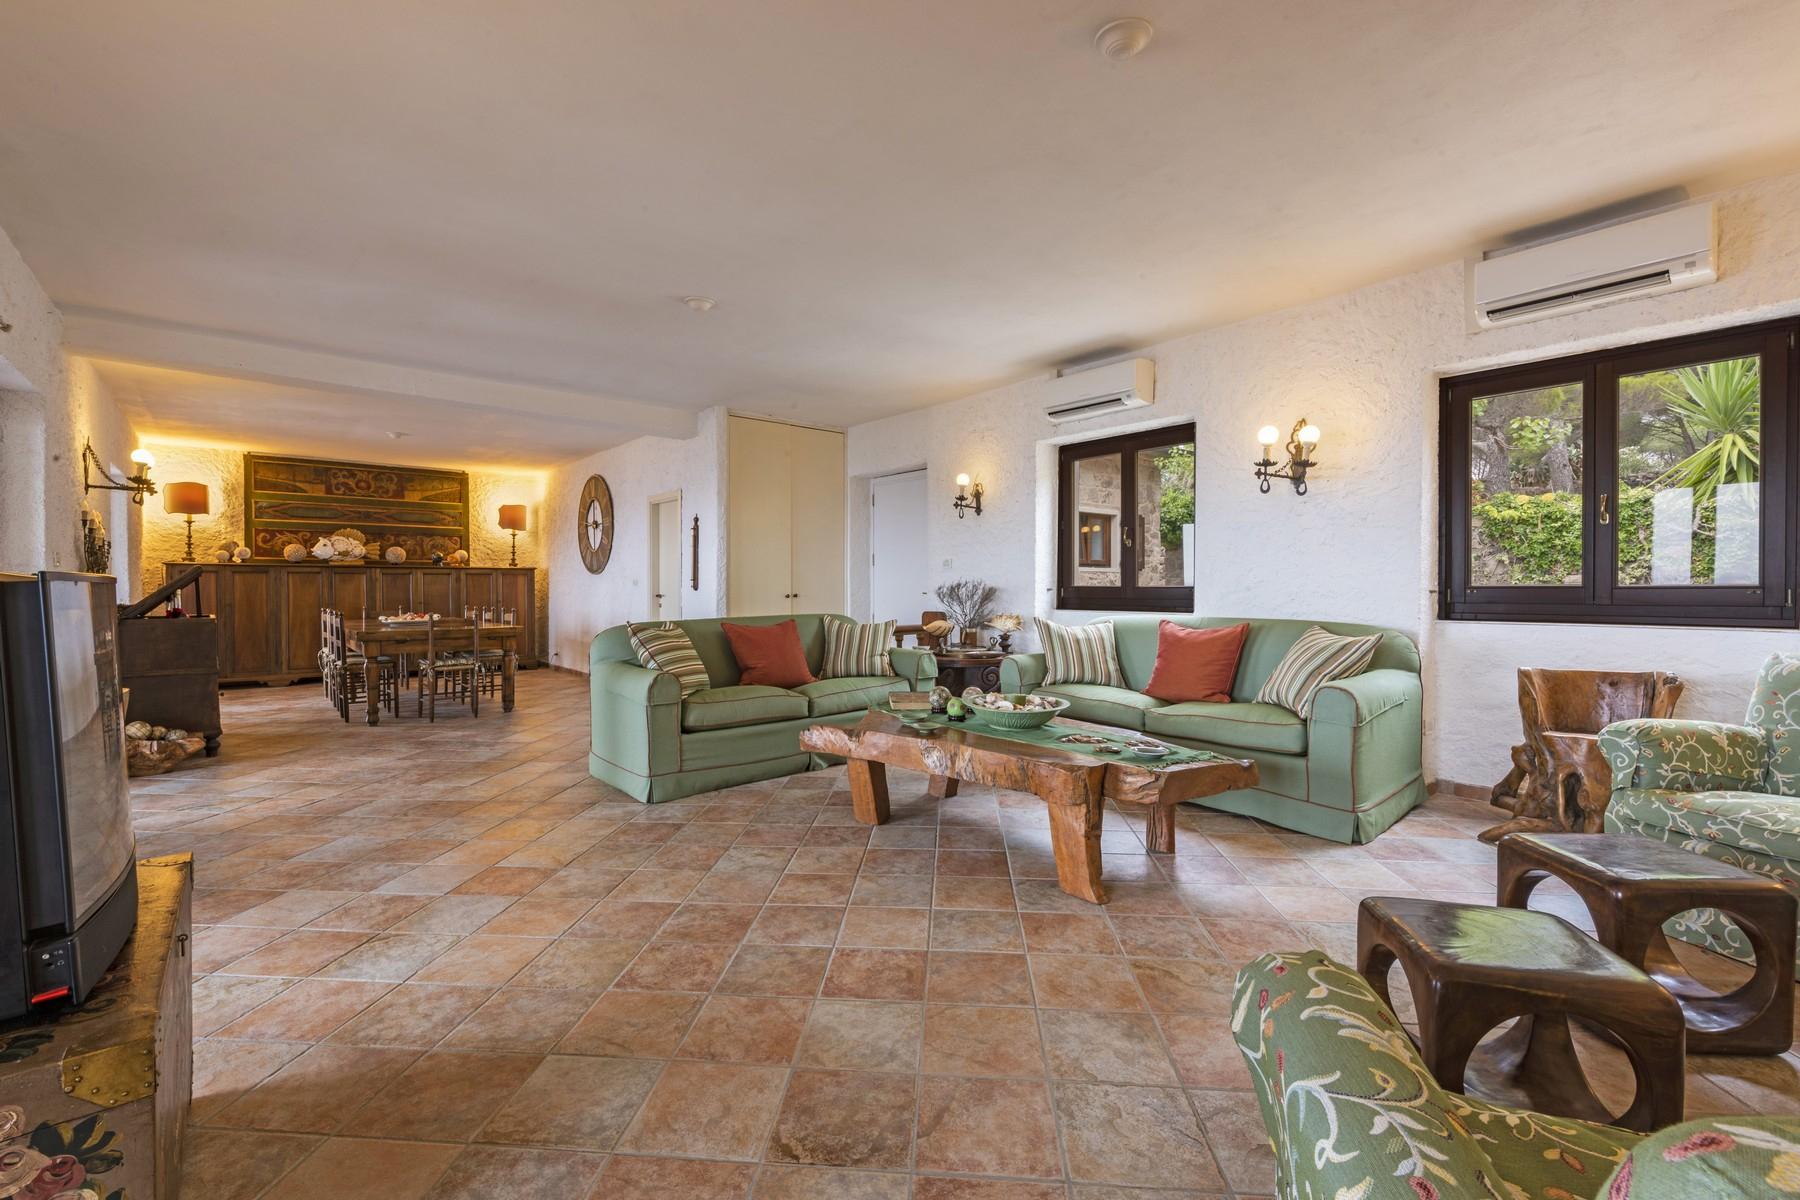 Villa in Vendita a Capraia Isola: 5 locali, 320 mq - Foto 14